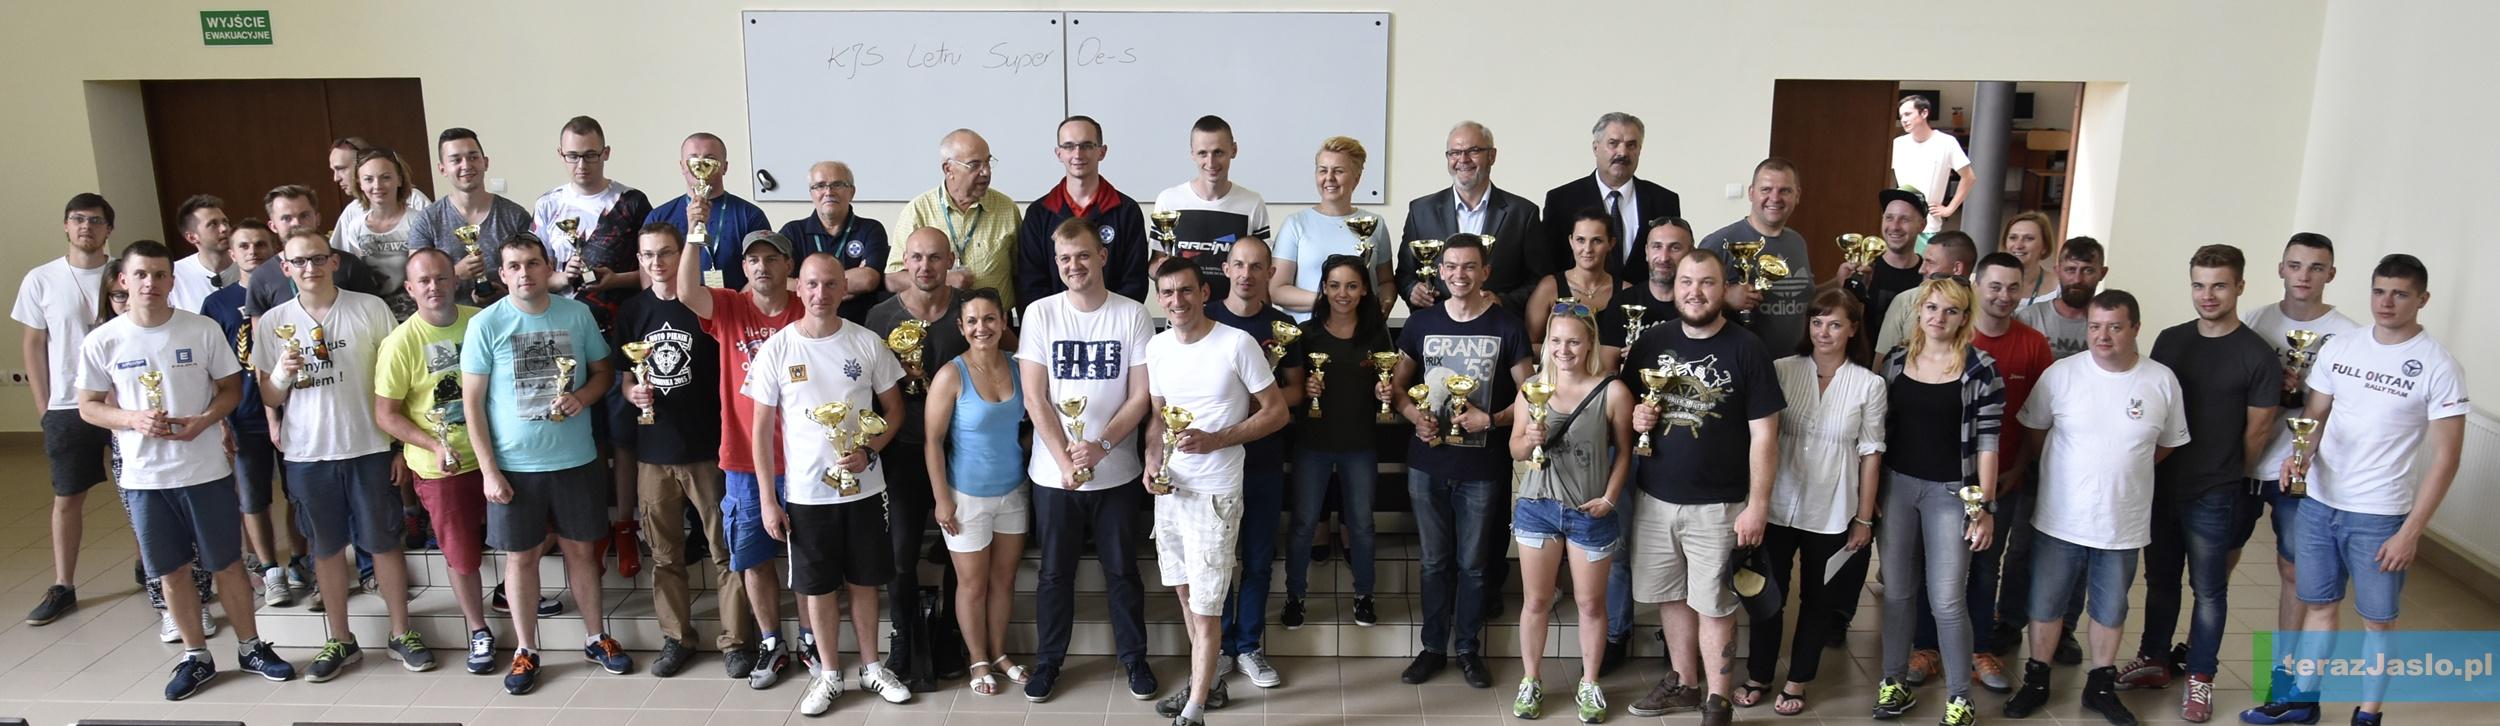 Pamiątkowe zdjęcie uczestników wraz z organizatorami. Więcej zdjęć w naszej FOTOGALERII. Fot. © terazJaslo.pl / Damian Palar